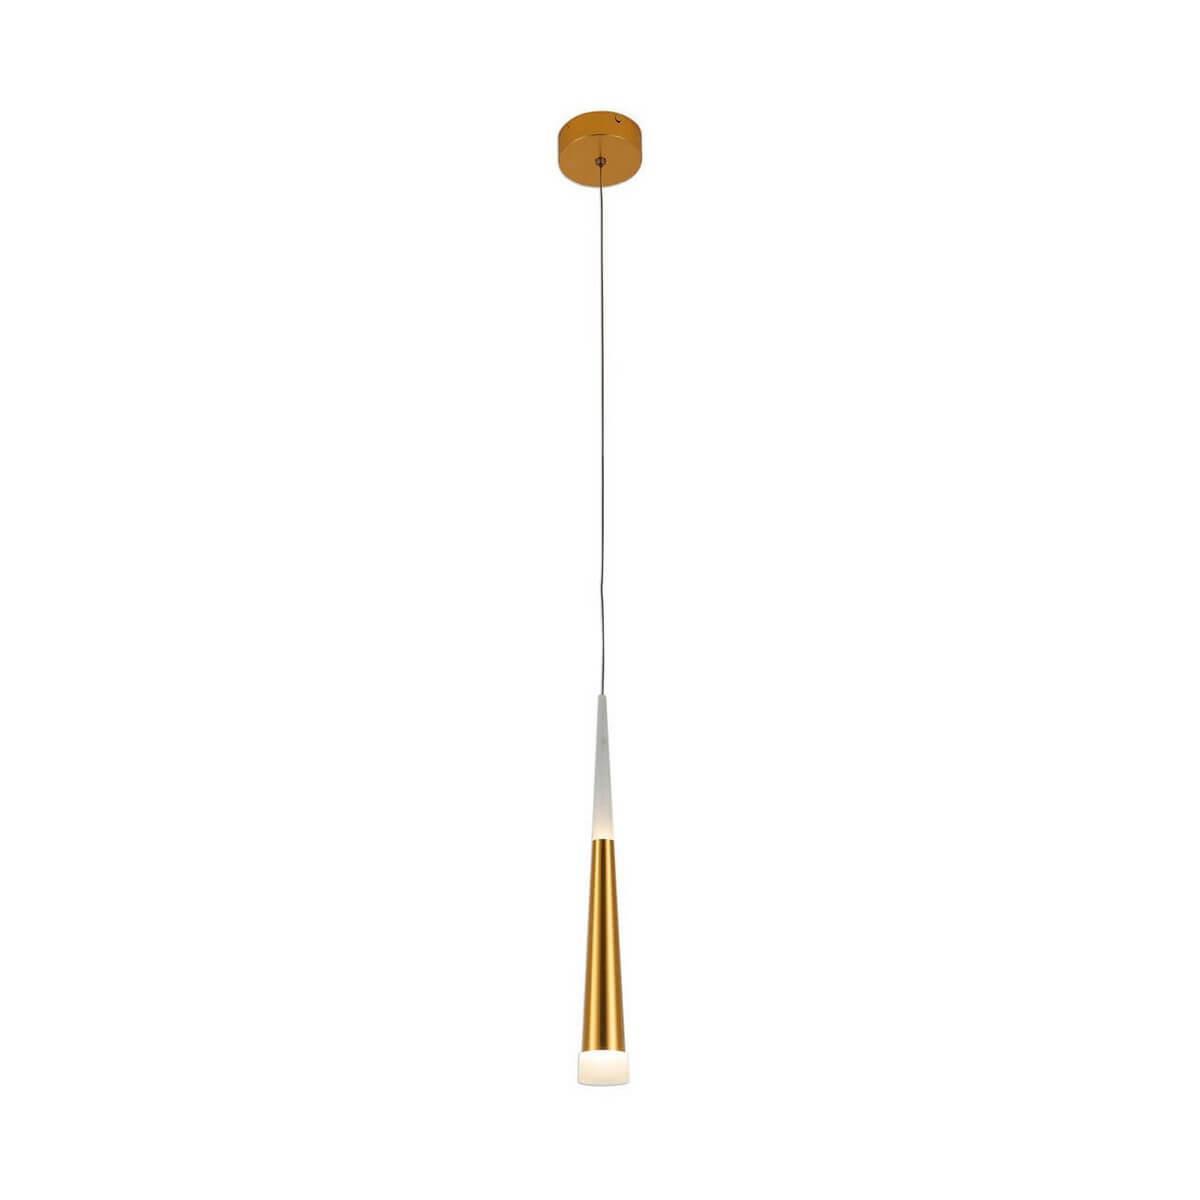 Подвесной светильник Kink Light 6114-1A,33, LED, 7 Вт подвесной светильник kink light менора 4702 1a 12